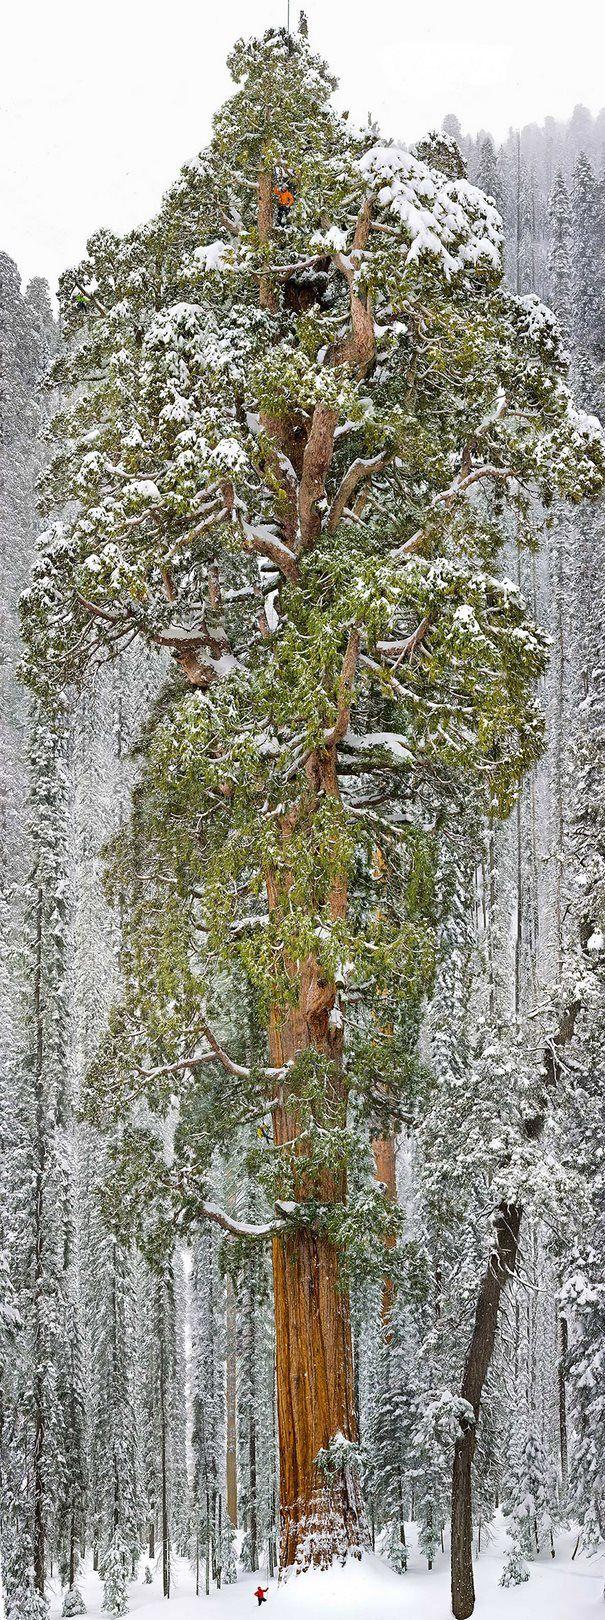 16 από τα ωραιότερα δέντρα του κόσμου ~ Ο Πρόεδρος , το τρίτο μεγαλύτερο δέντρο Σεκόγια στον κόσμο , Καλιφόρνια ΗΠΑ